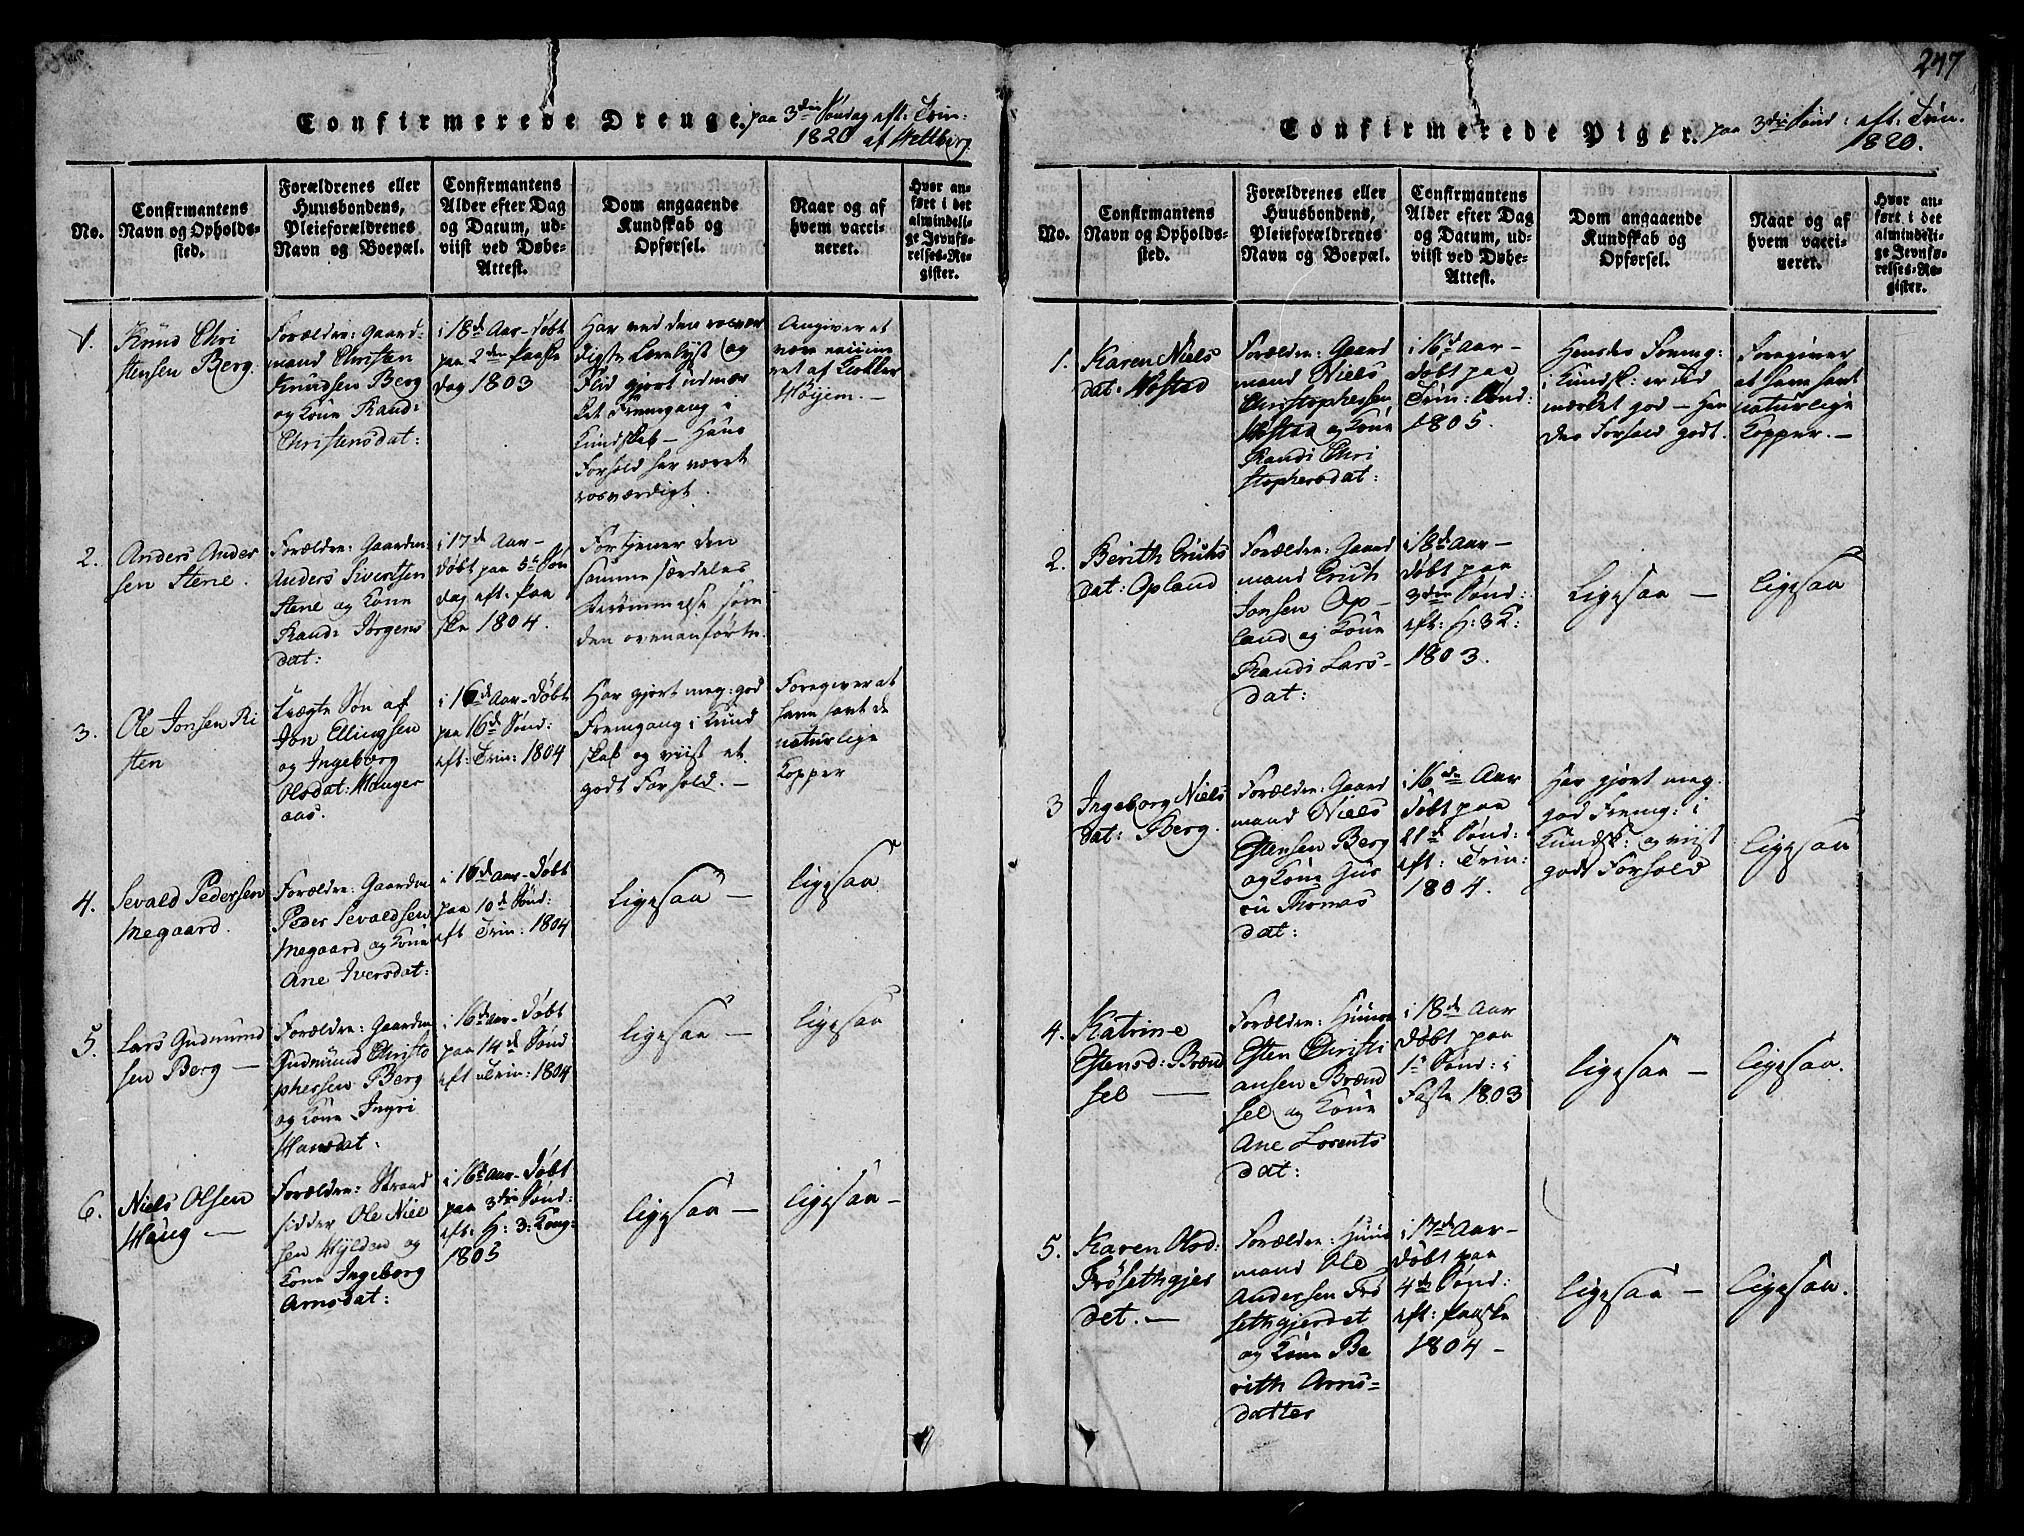 SAT, Ministerialprotokoller, klokkerbøker og fødselsregistre - Sør-Trøndelag, 612/L0372: Ministerialbok nr. 612A06 /1, 1816-1828, s. 247